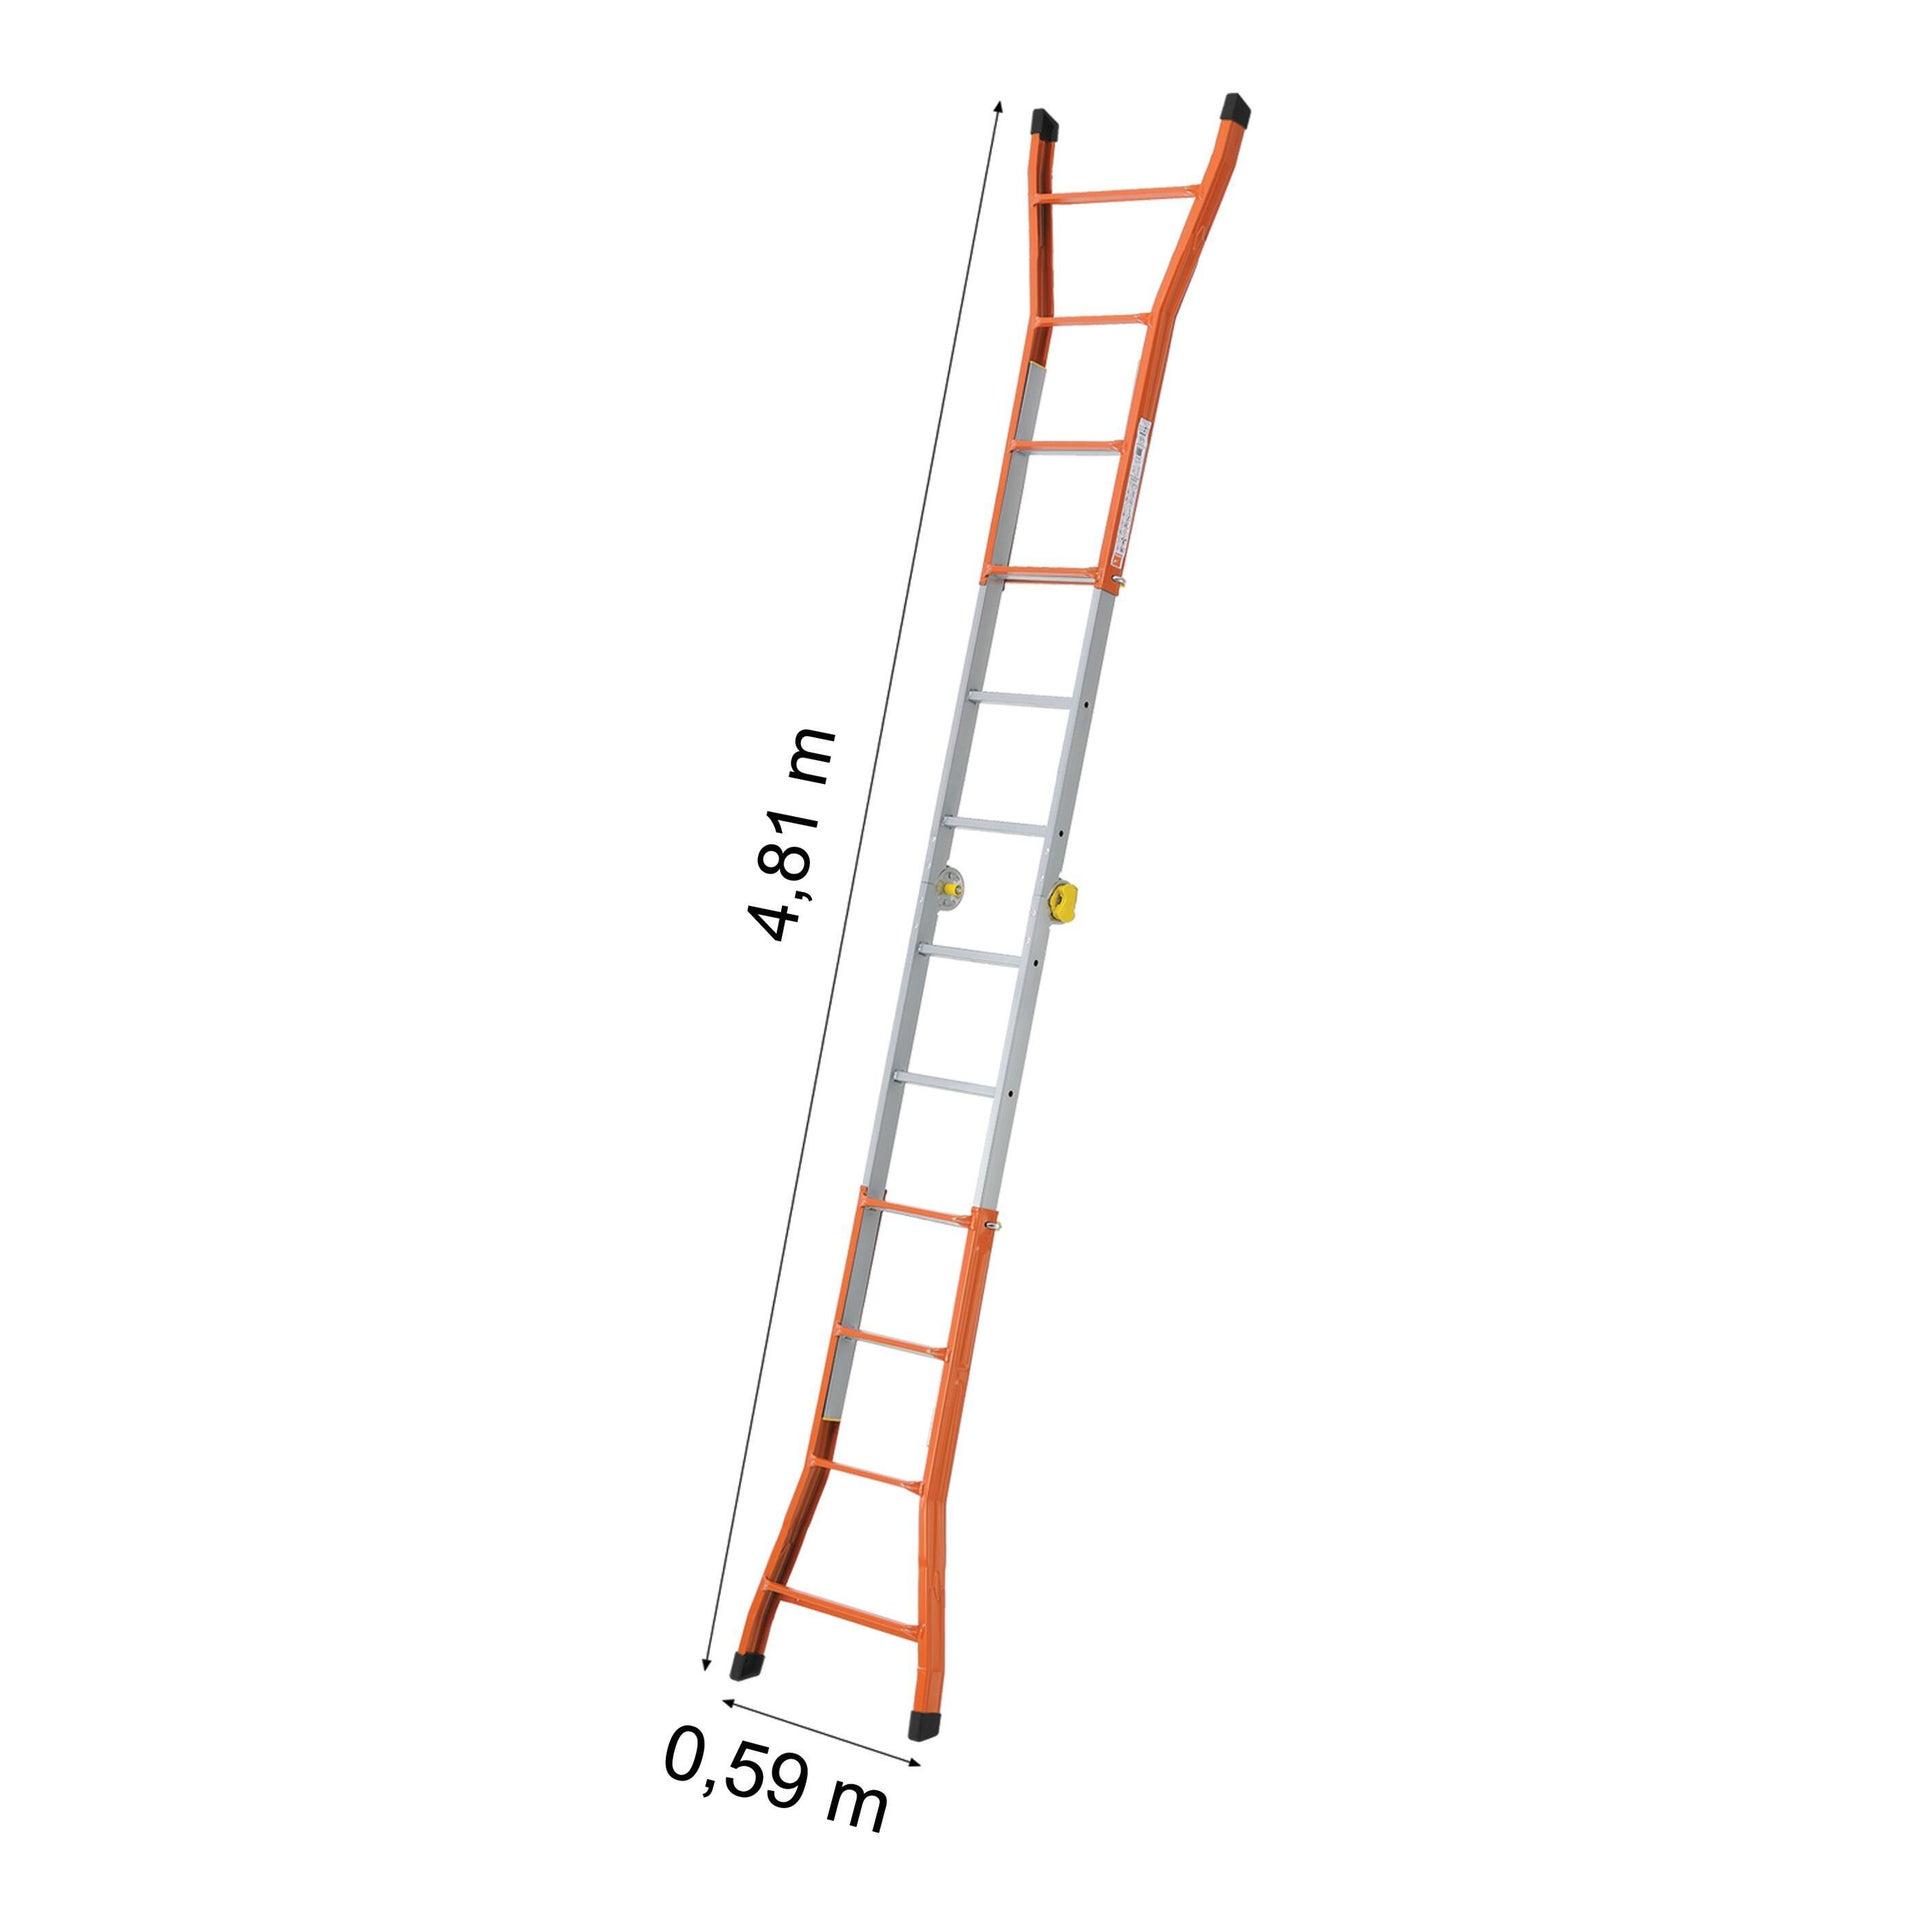 Scala telescopica GIERRE Peppina in acciaio 5+5 gradini per lavori fino a 5.7 m - 3